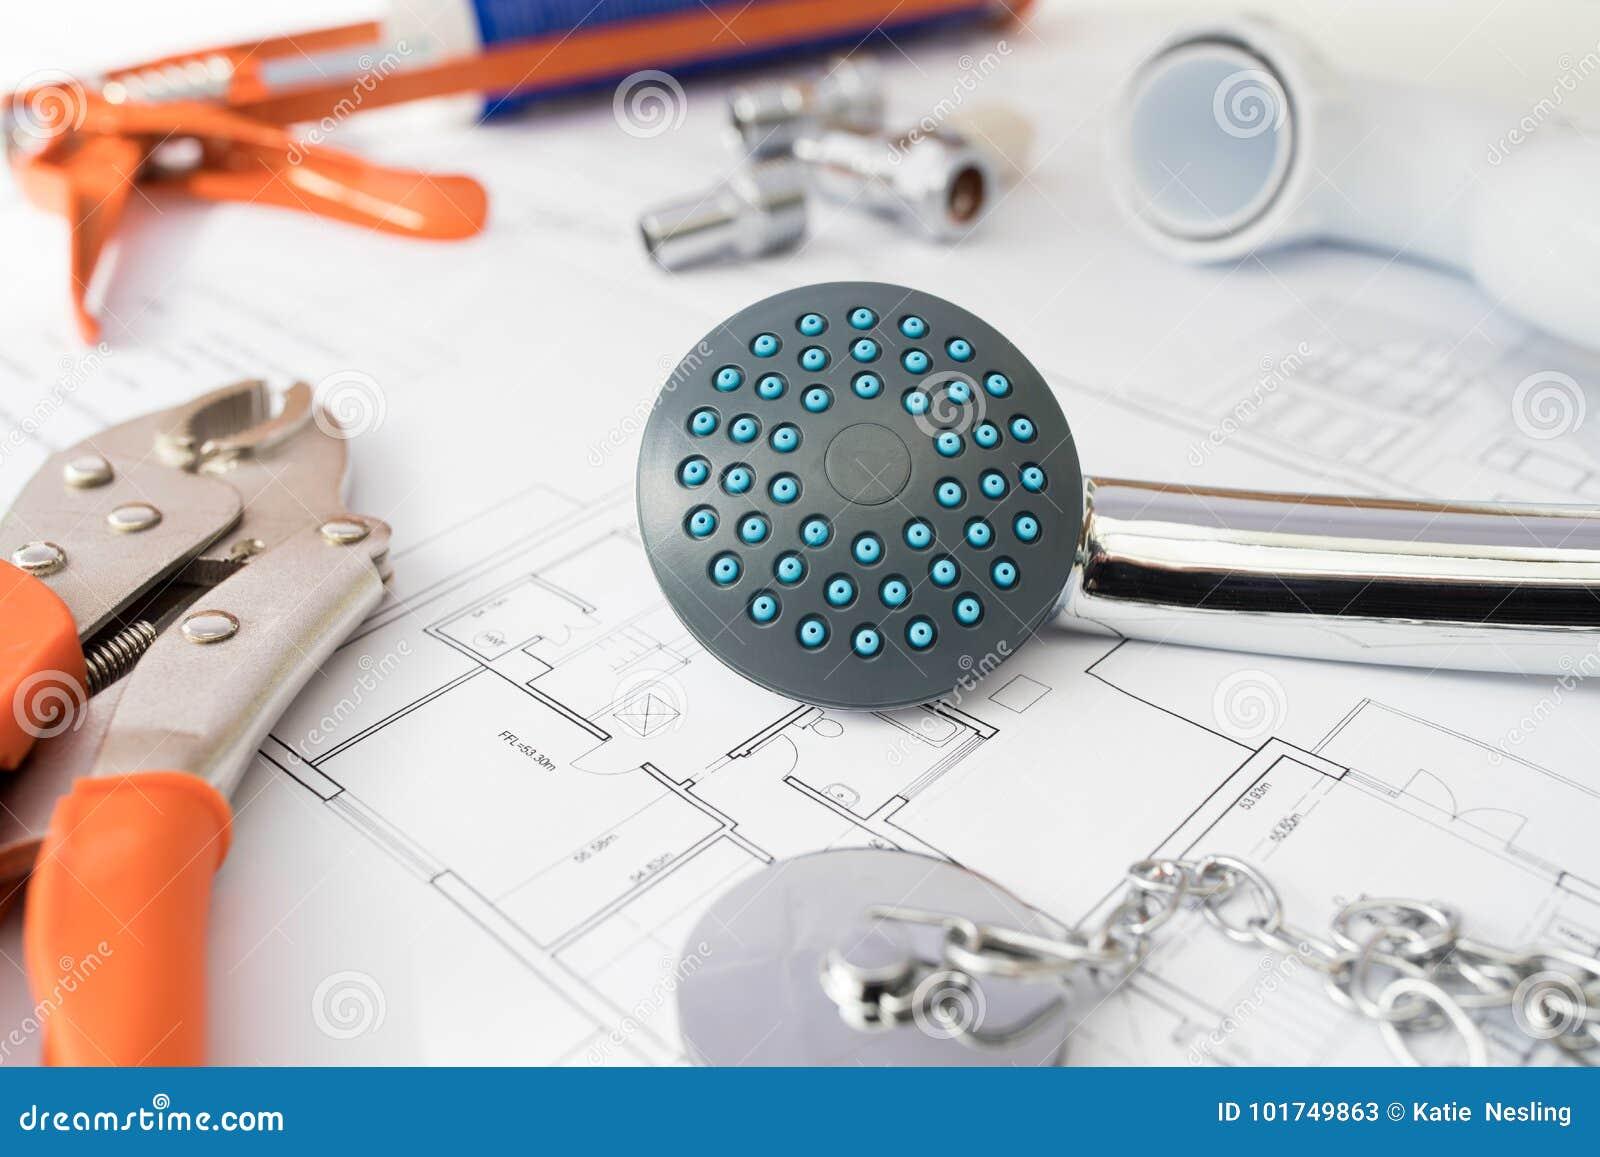 Ferramentas e componentes do encanamento arranjados em planos da casa